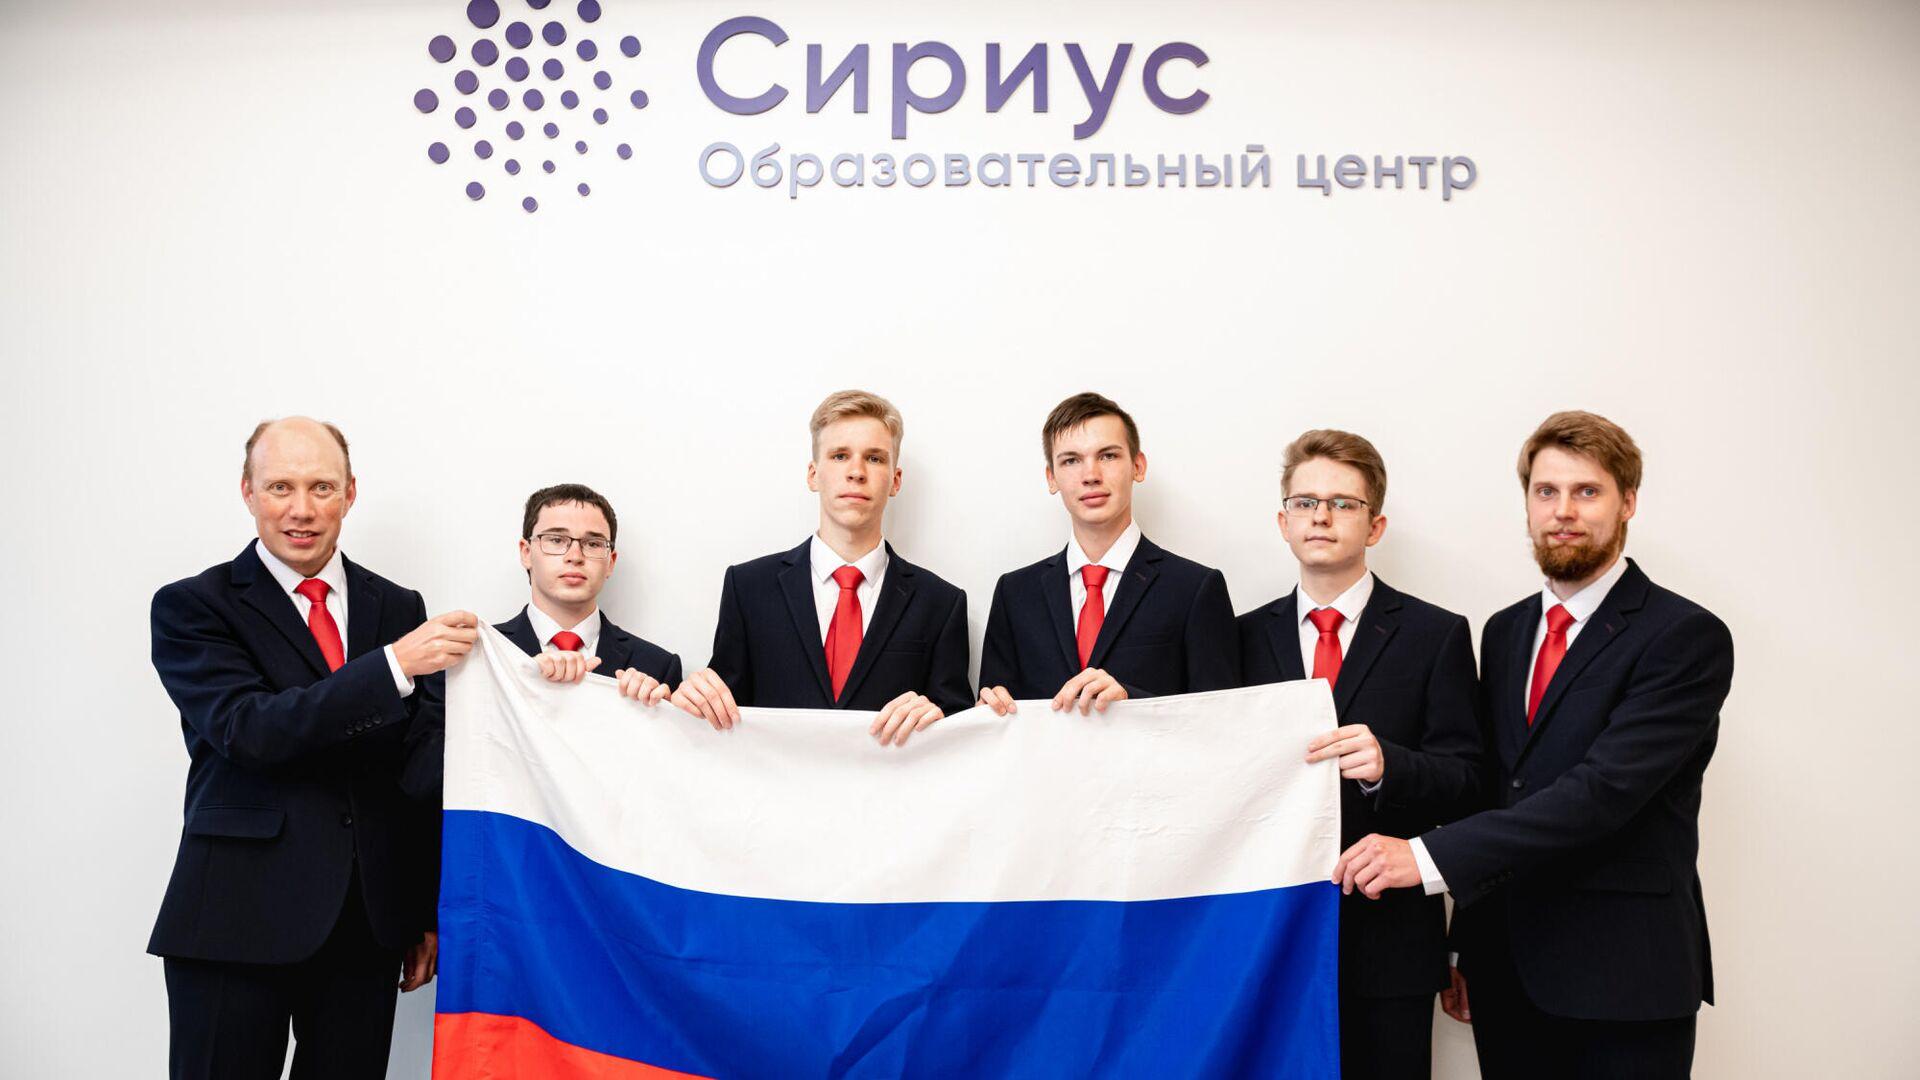 Российские школьники завоевали три золотые медали и одну серебряную на Международной олимпиаде школьников по информатике - РИА Новости, 1920, 28.06.2021